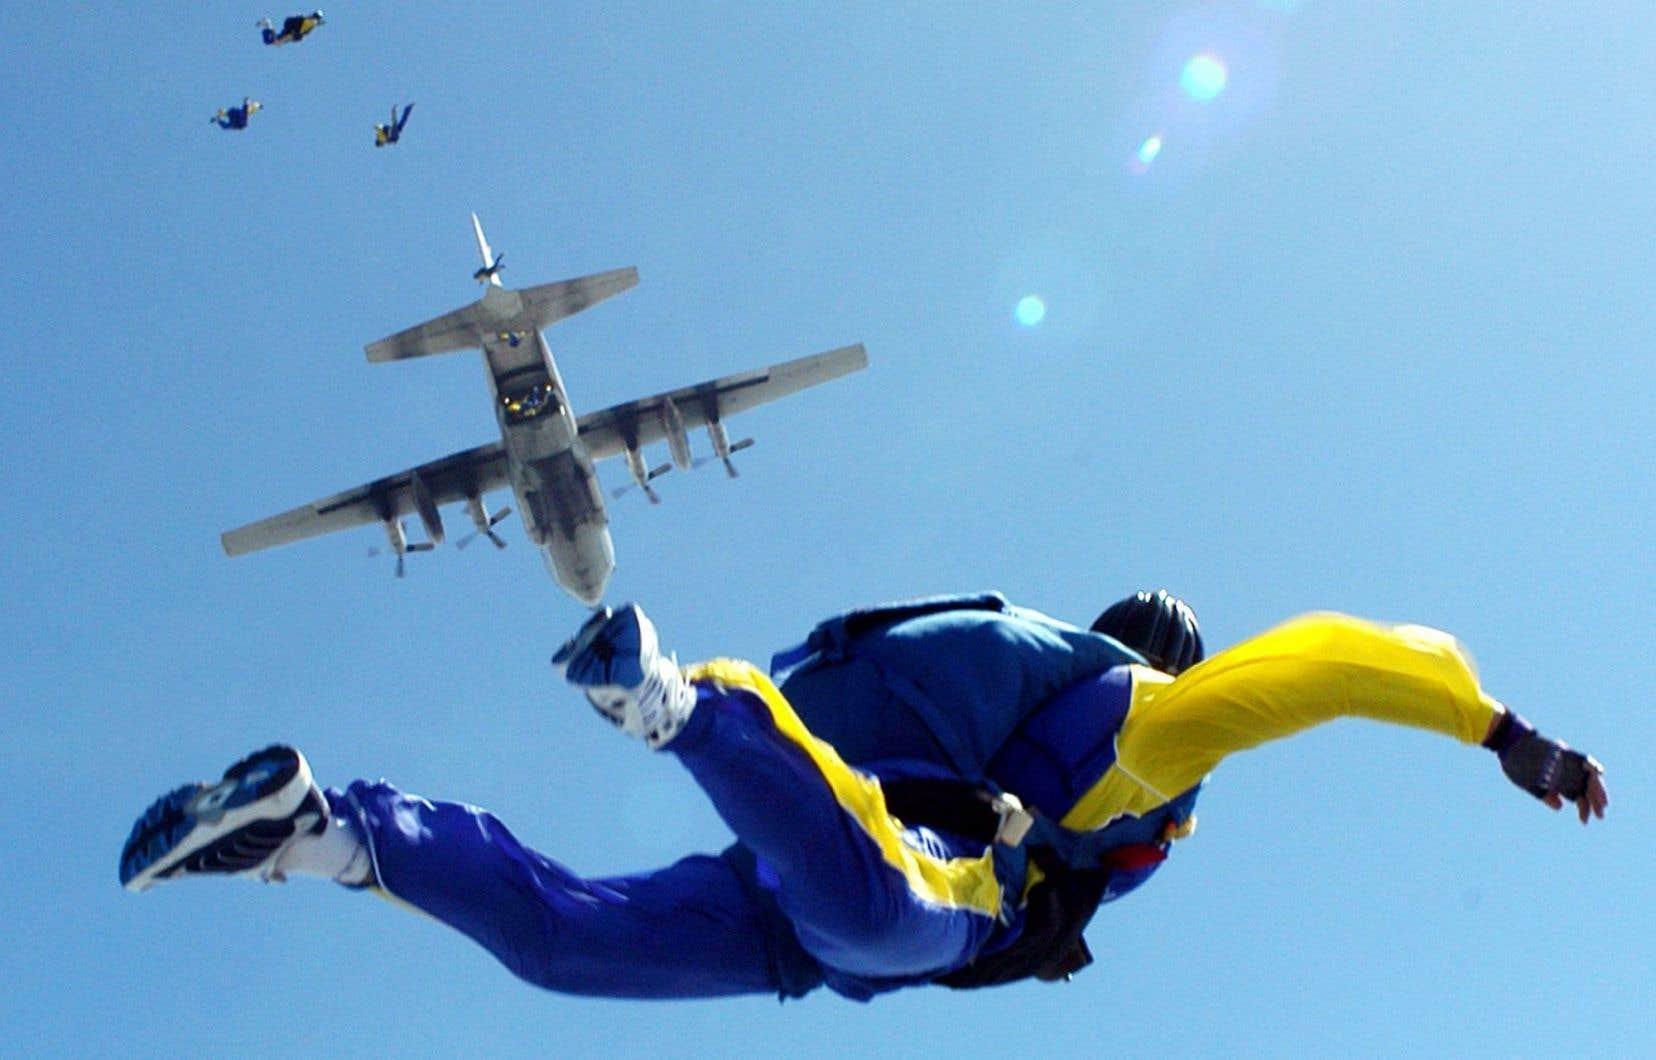 Les parachutistes doivent respecter la réglementation fédérale concernant les zones aérospatiales et obtenir des certificats pour les opérations aériennes spécialisées.